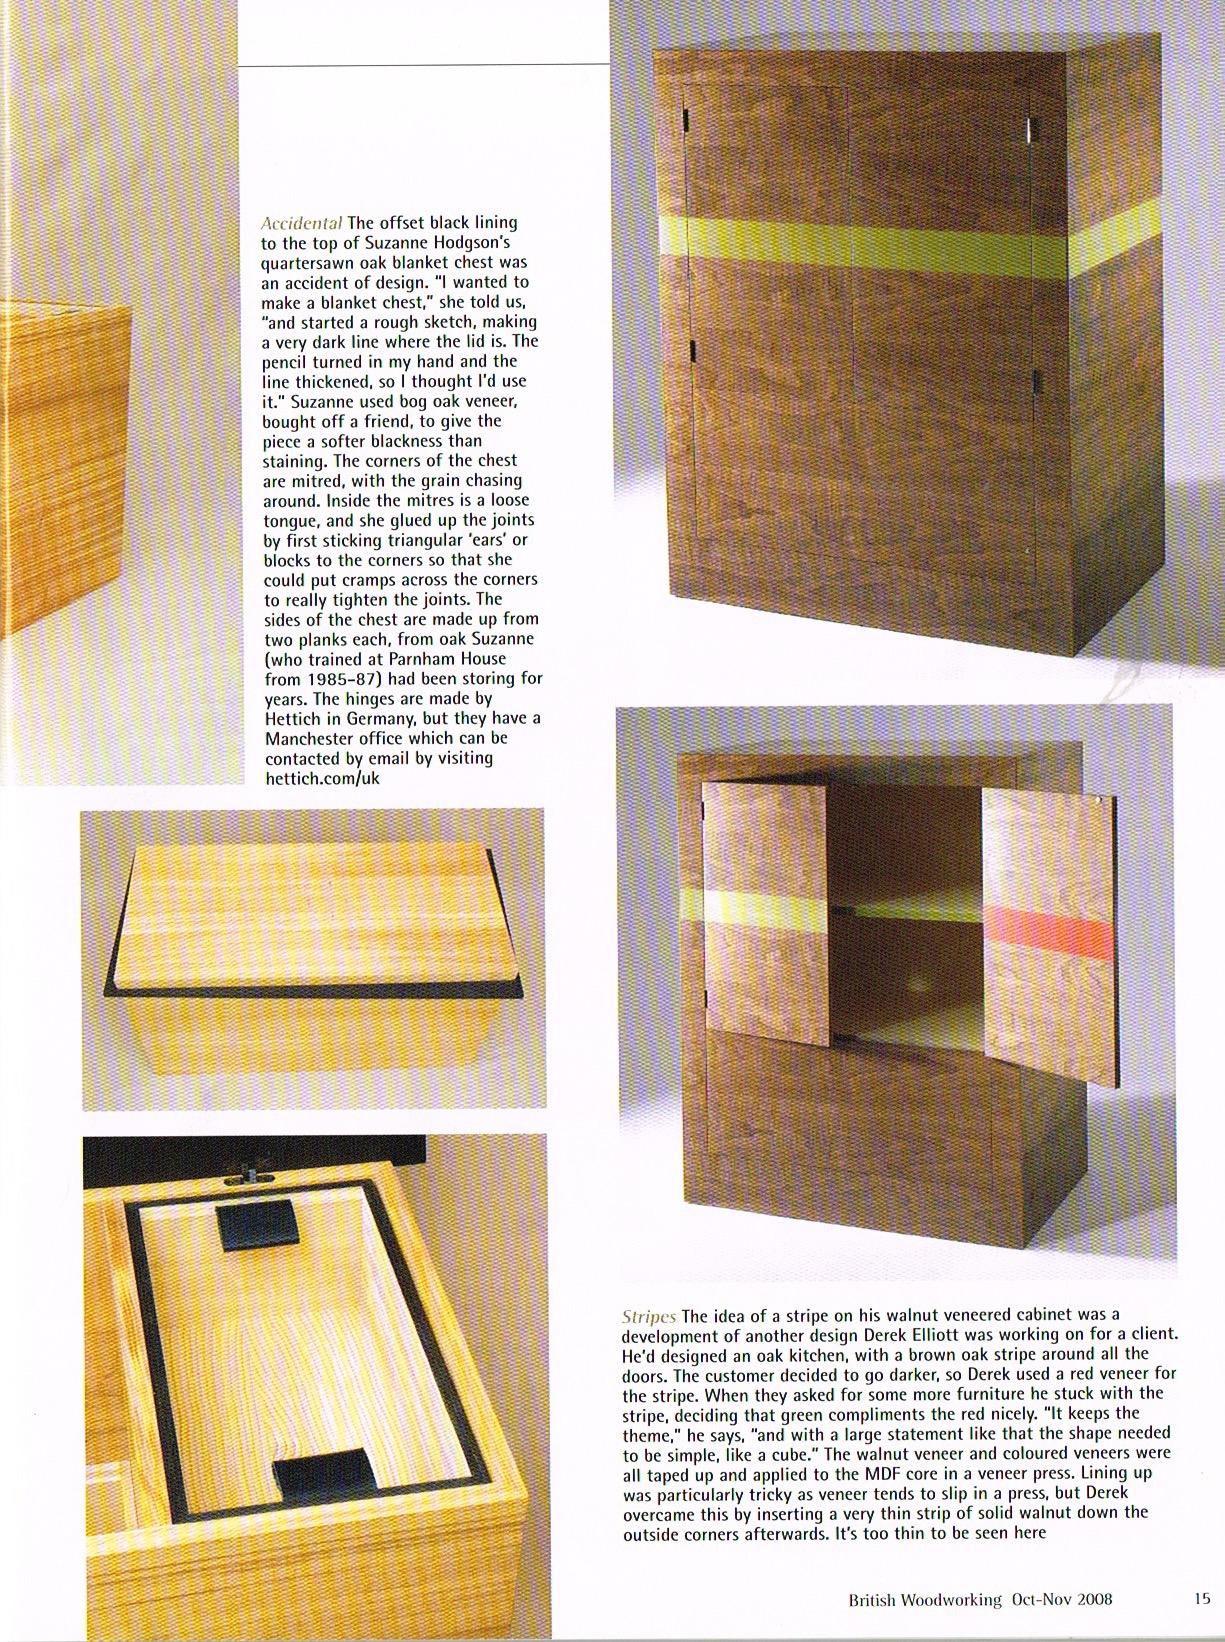 British Woodworking. Oct 2008